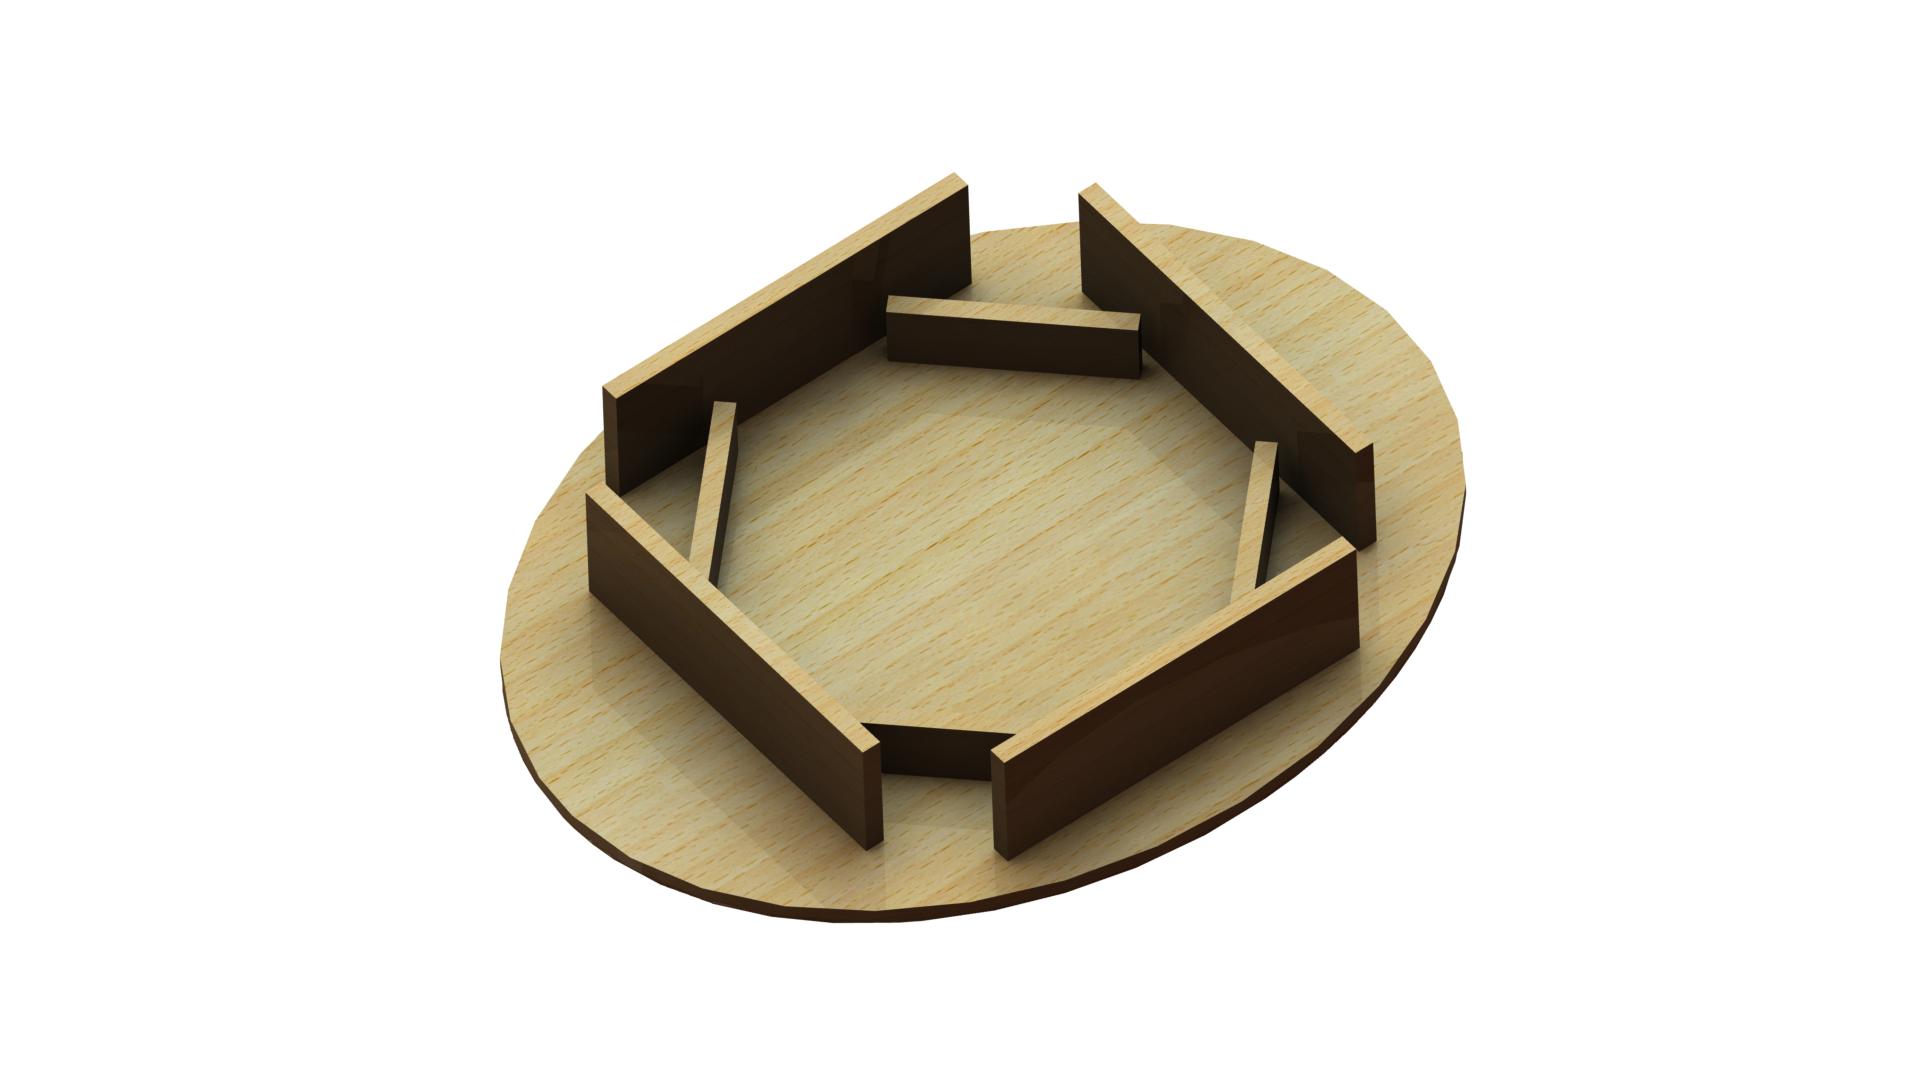 Tischplatte aus Holz für Sitzwürfel